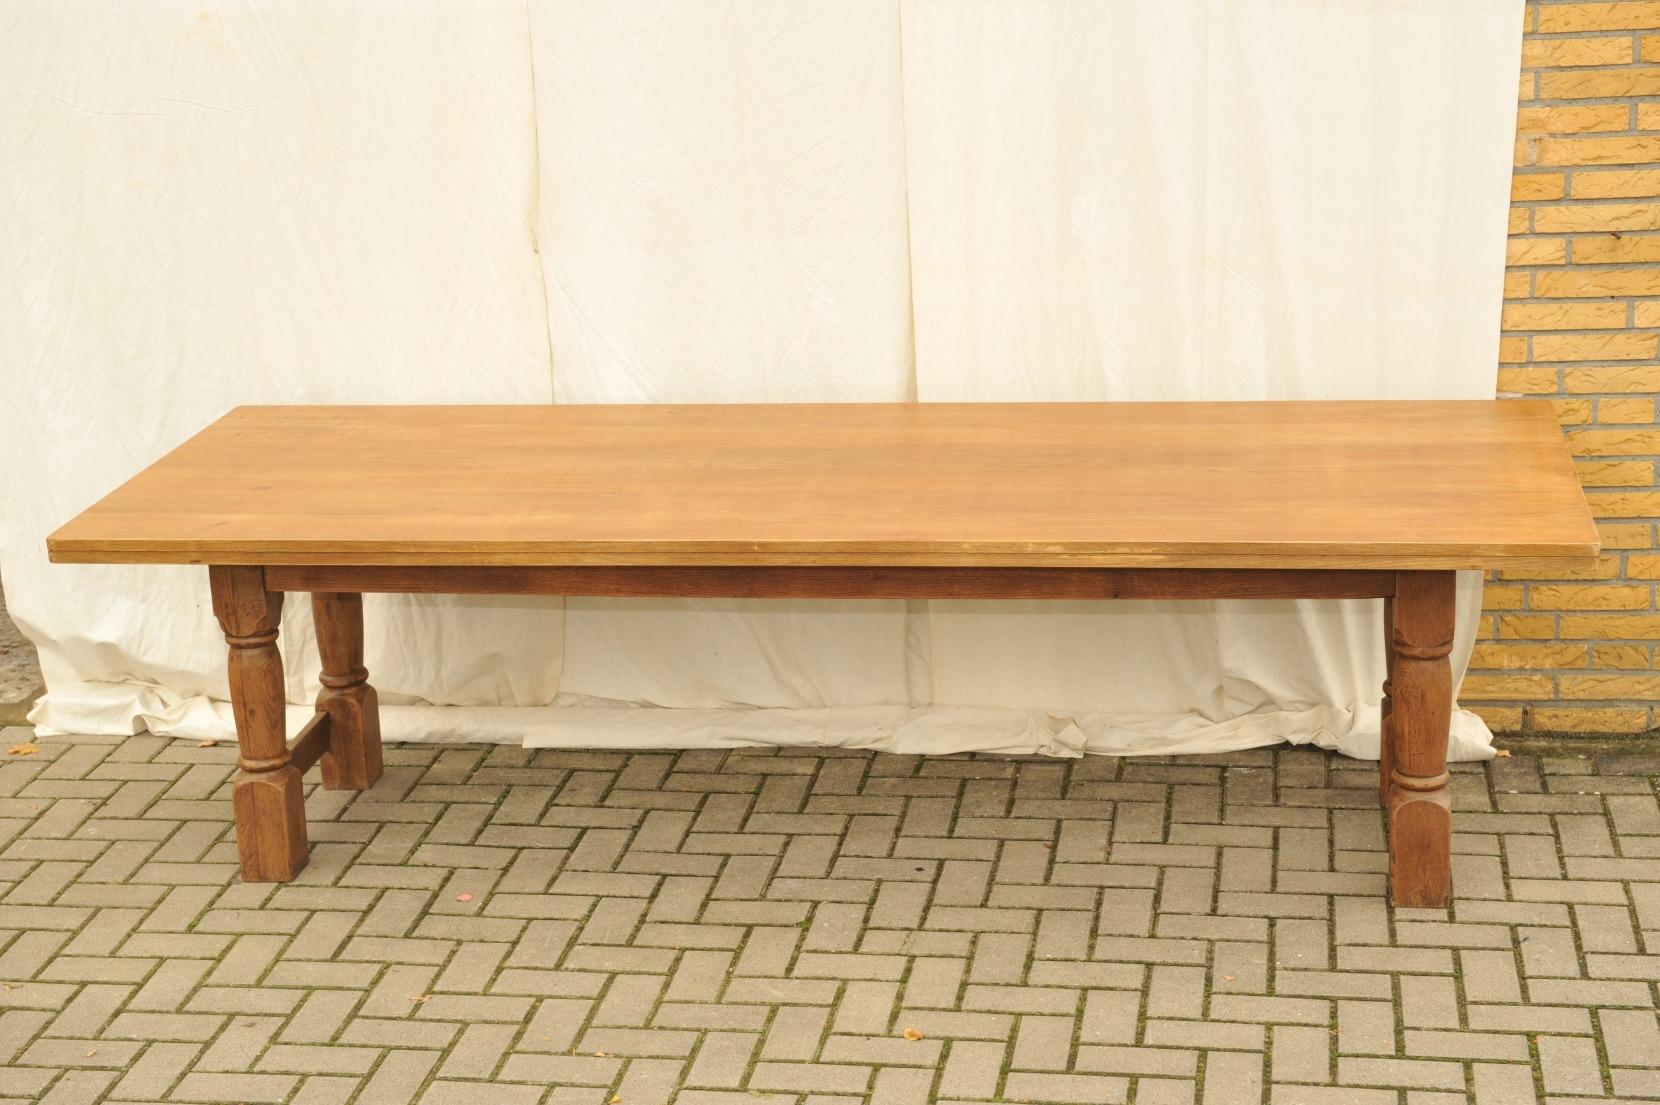 tisch eiche eiche tisch eiche massiv indoorm bel landi tisch eiche ludwig g nstig bei nhoma. Black Bedroom Furniture Sets. Home Design Ideas